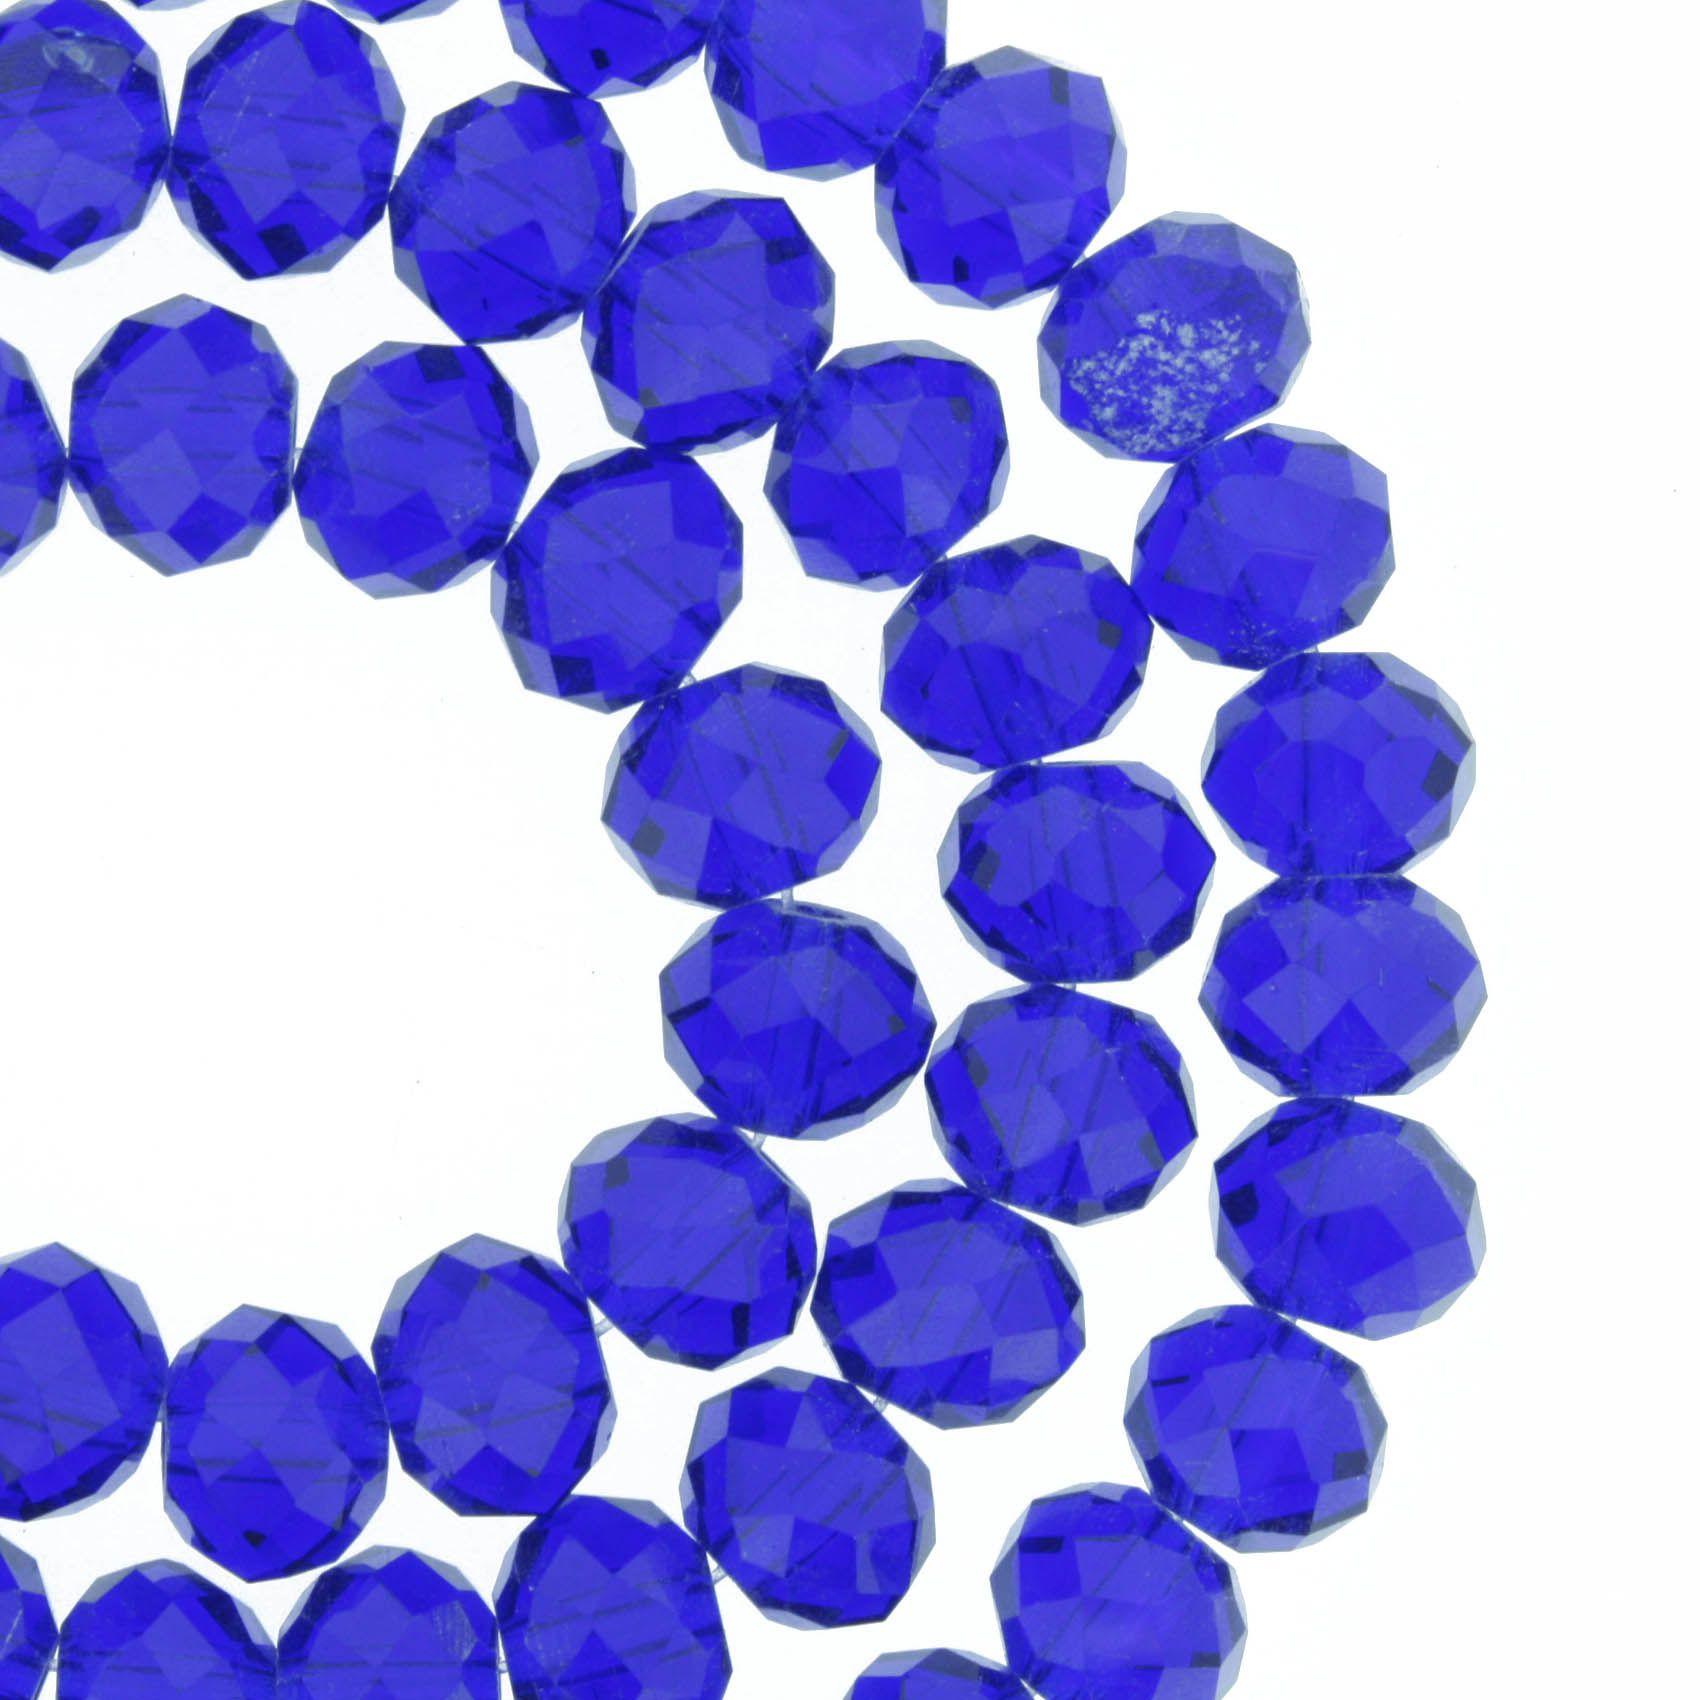 Fio de Cristal - Piatto® - Azul Royal Transparente - 8mm  - Universo Religioso® - Artigos de Umbanda e Candomblé